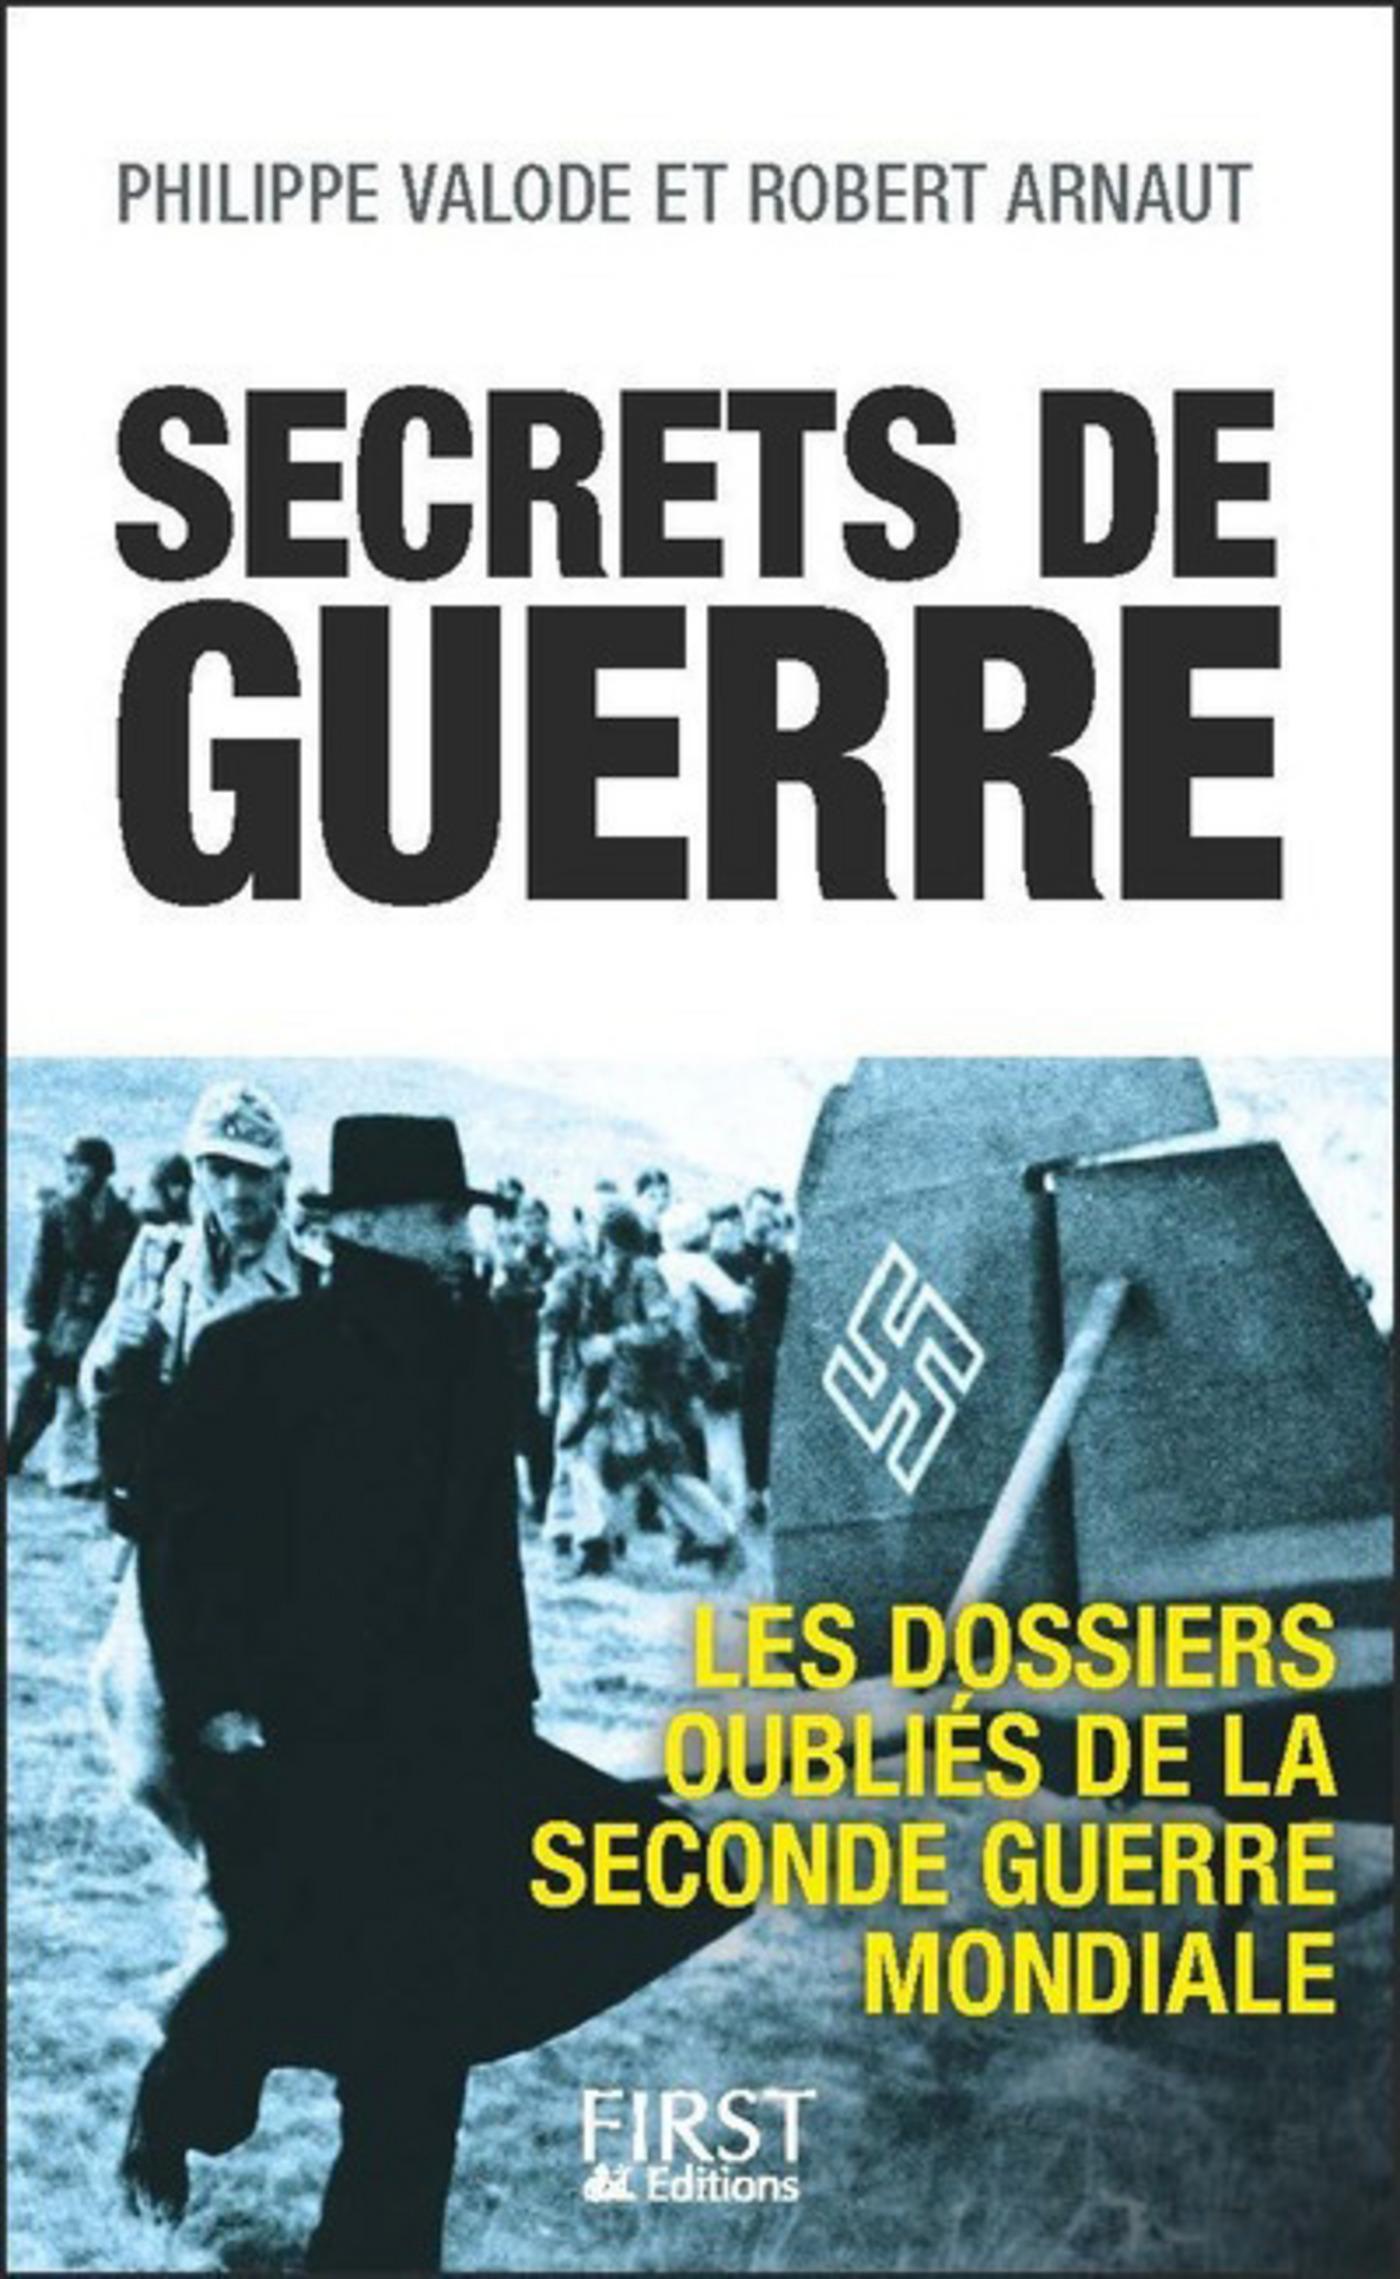 Secrets de guerre : Les dossiers oubliés de la Seconde Guerre mondiale (ebook)